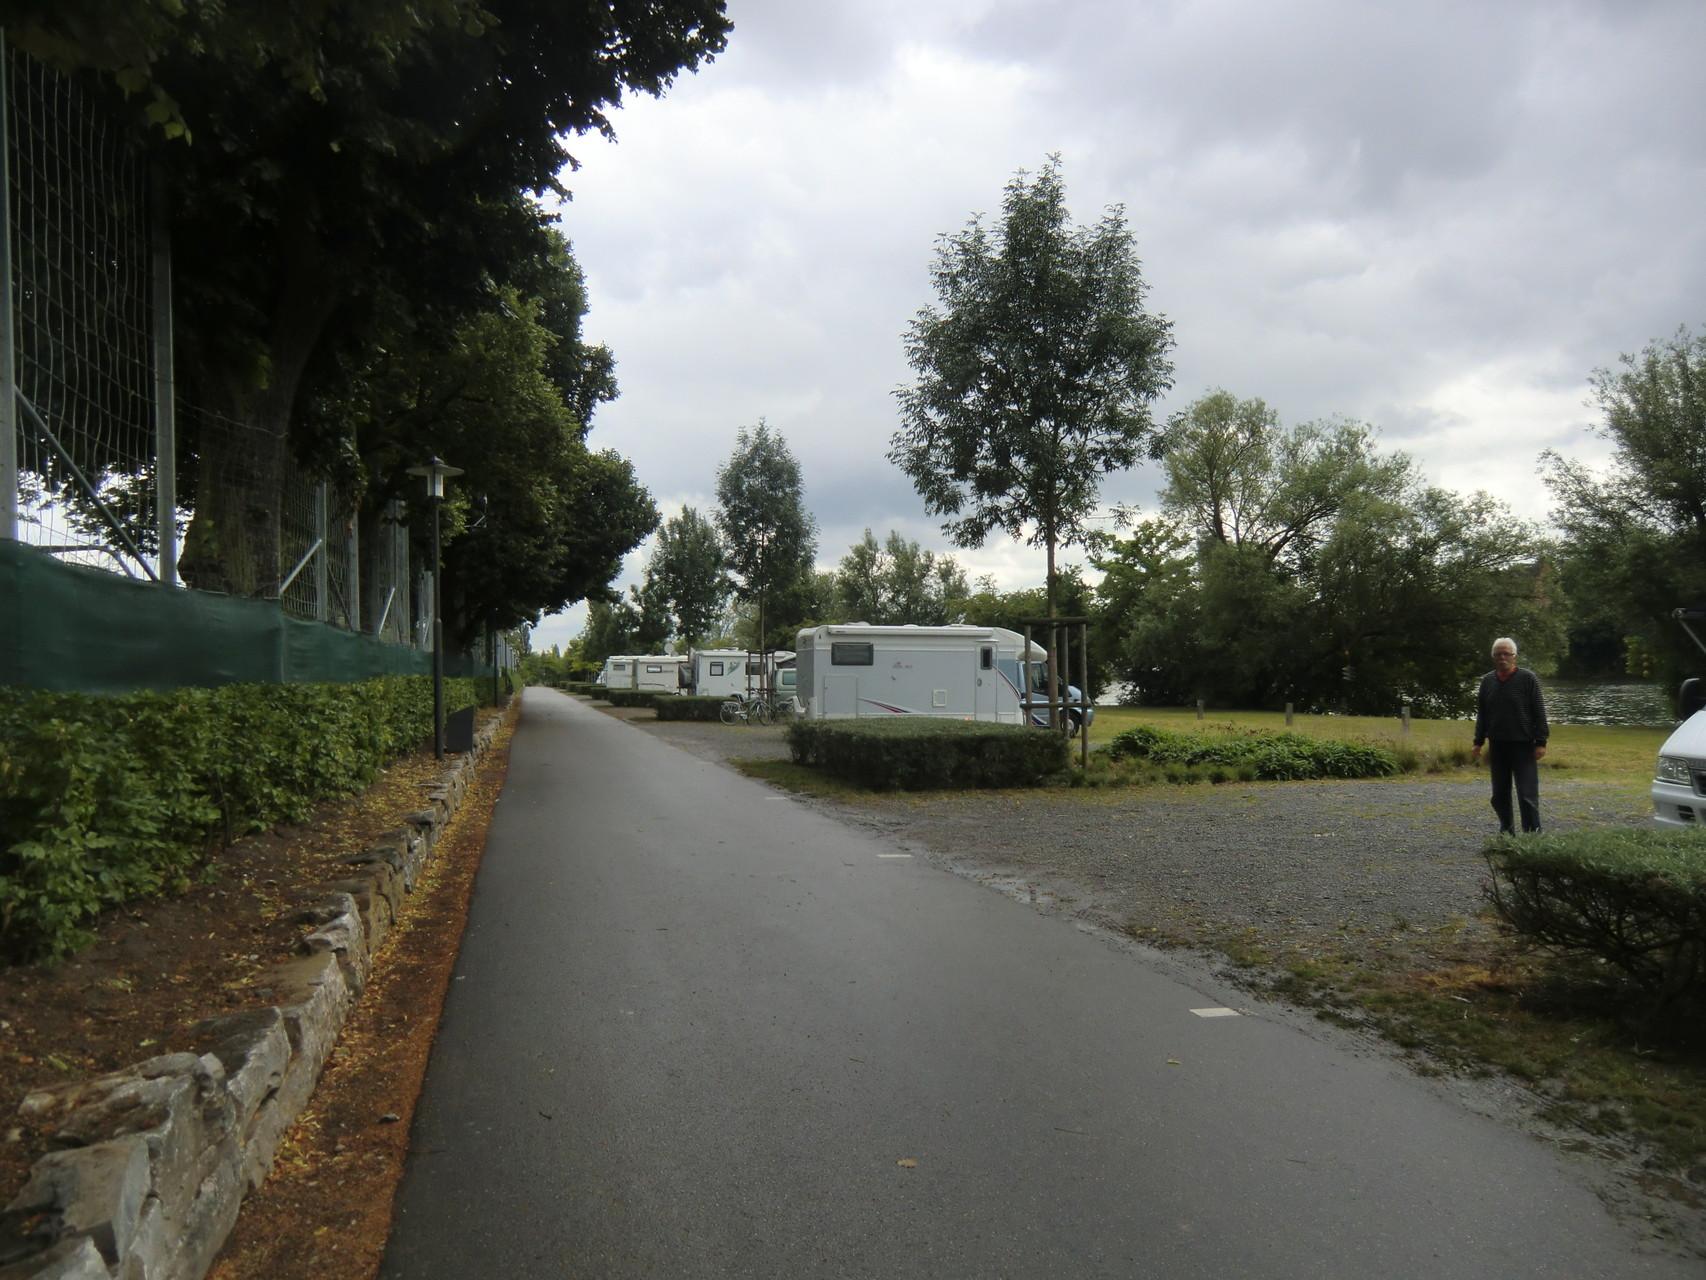 Stellplätze entlang des Main hinter Bäumen und Sträuchern